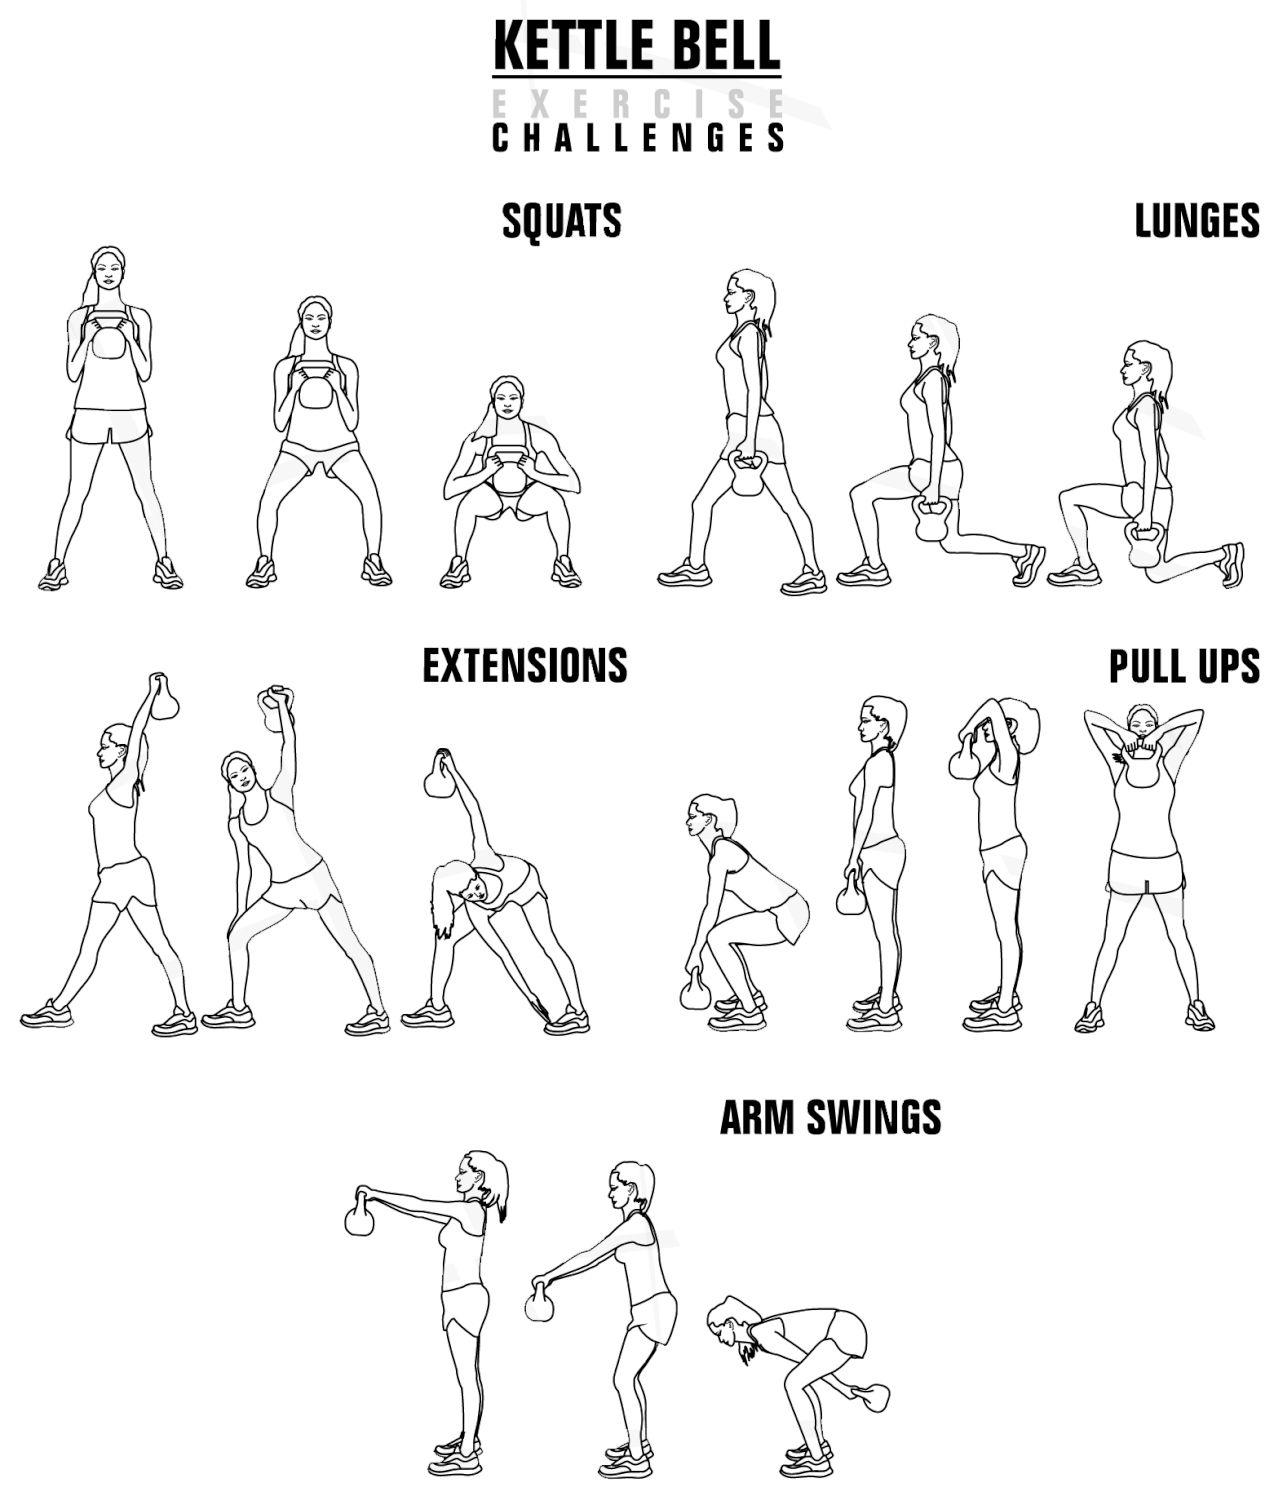 41KE-EXERCISES